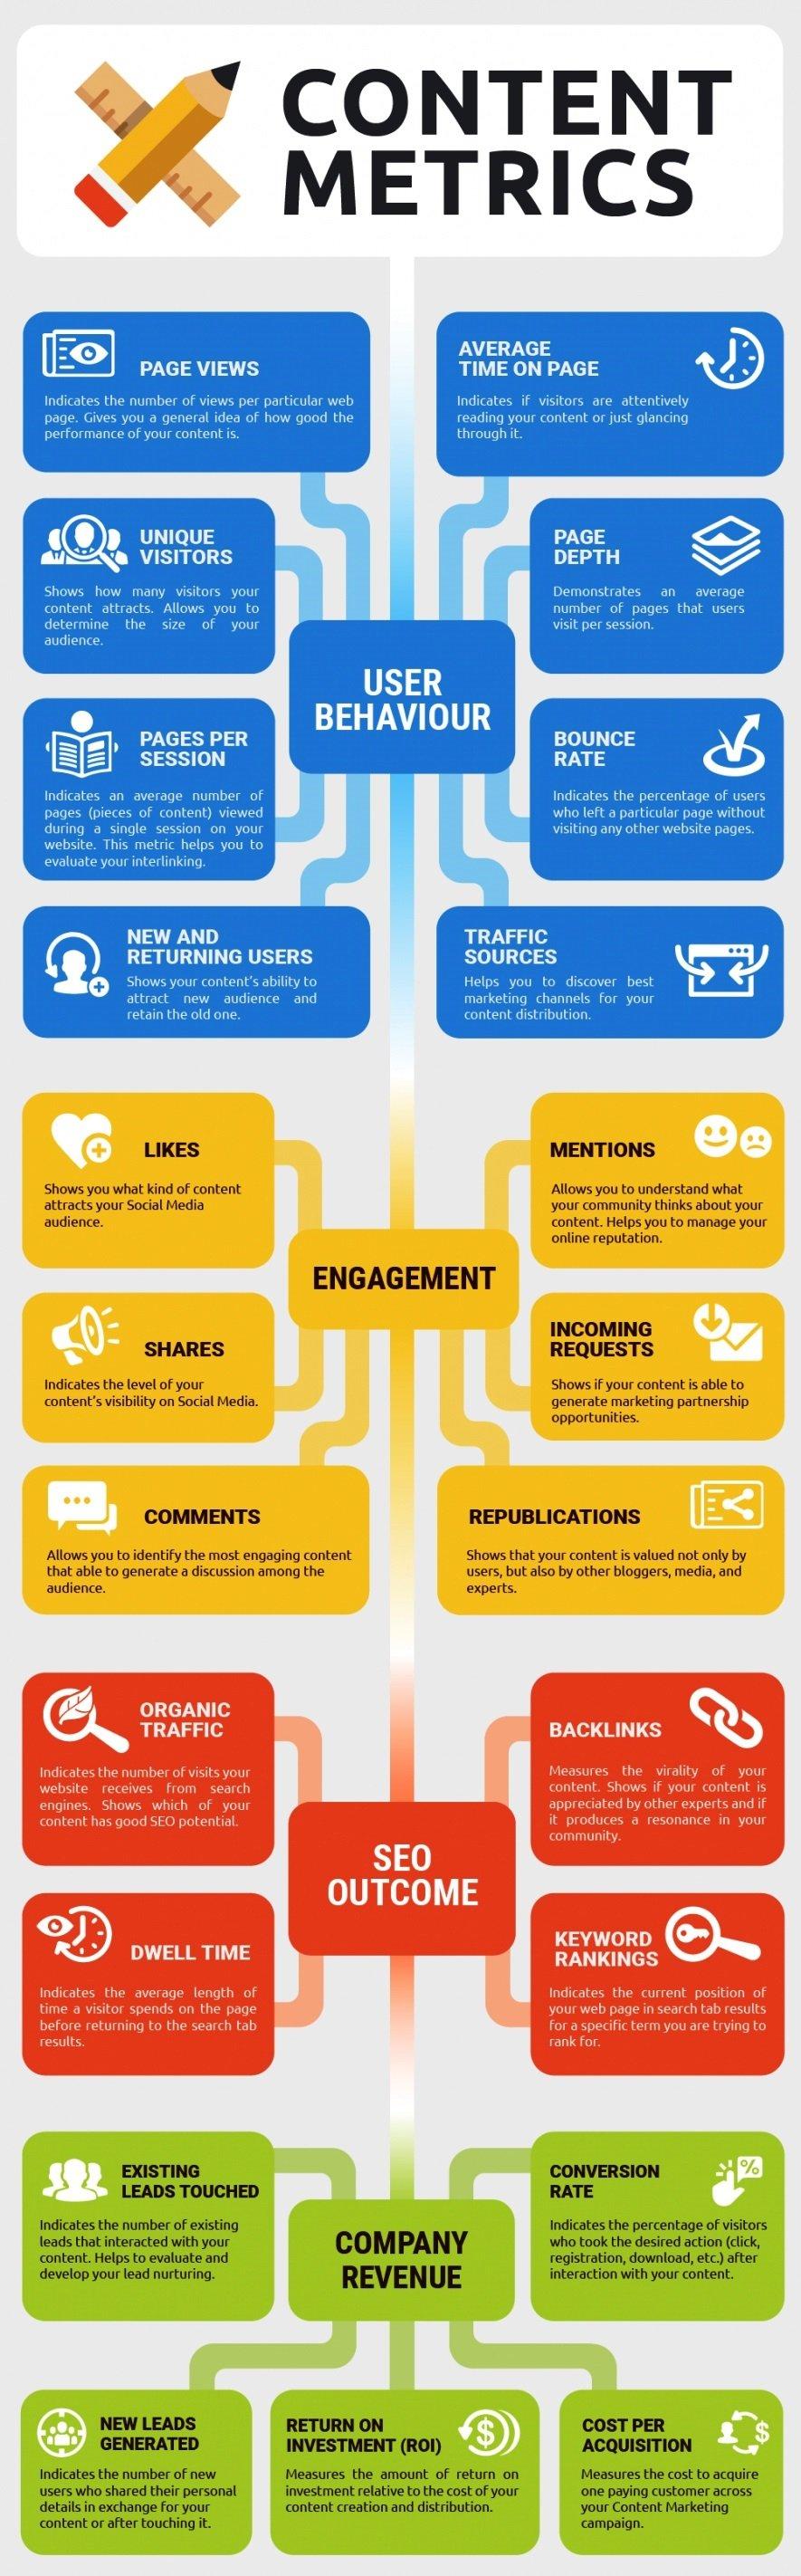 Analizziamo i passaggi del Content marketing